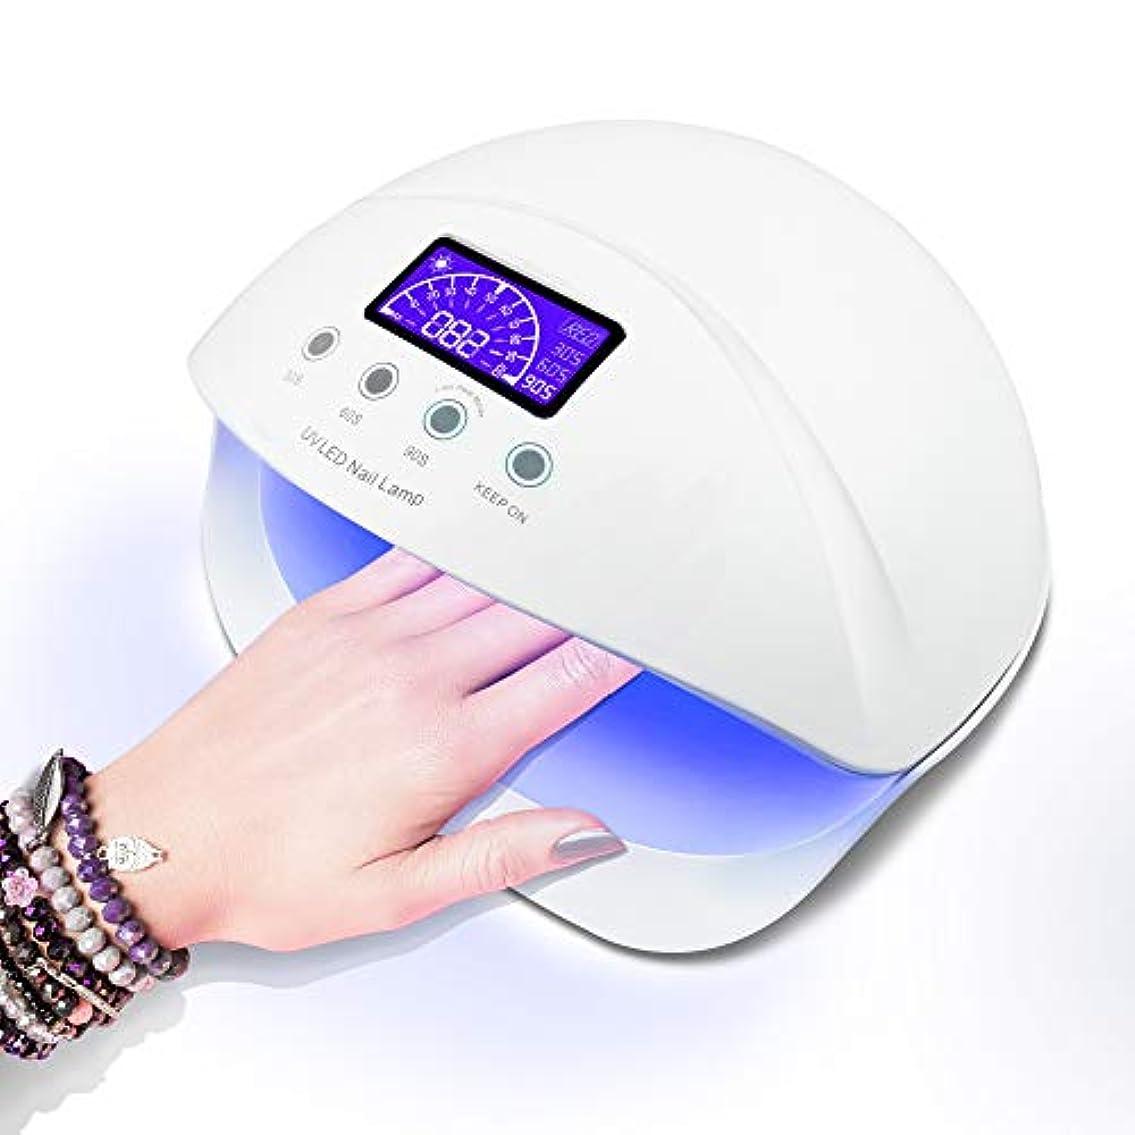 事ハプニング空LED ネイルドライヤー UVネイルライト 50W ハイパワー ジェルネイルライト 肌をケア センサータイマー付き UVライト 速乾UV ネイル ハンドフット両用  ネイル led ライト [日本語取扱説明書付き]